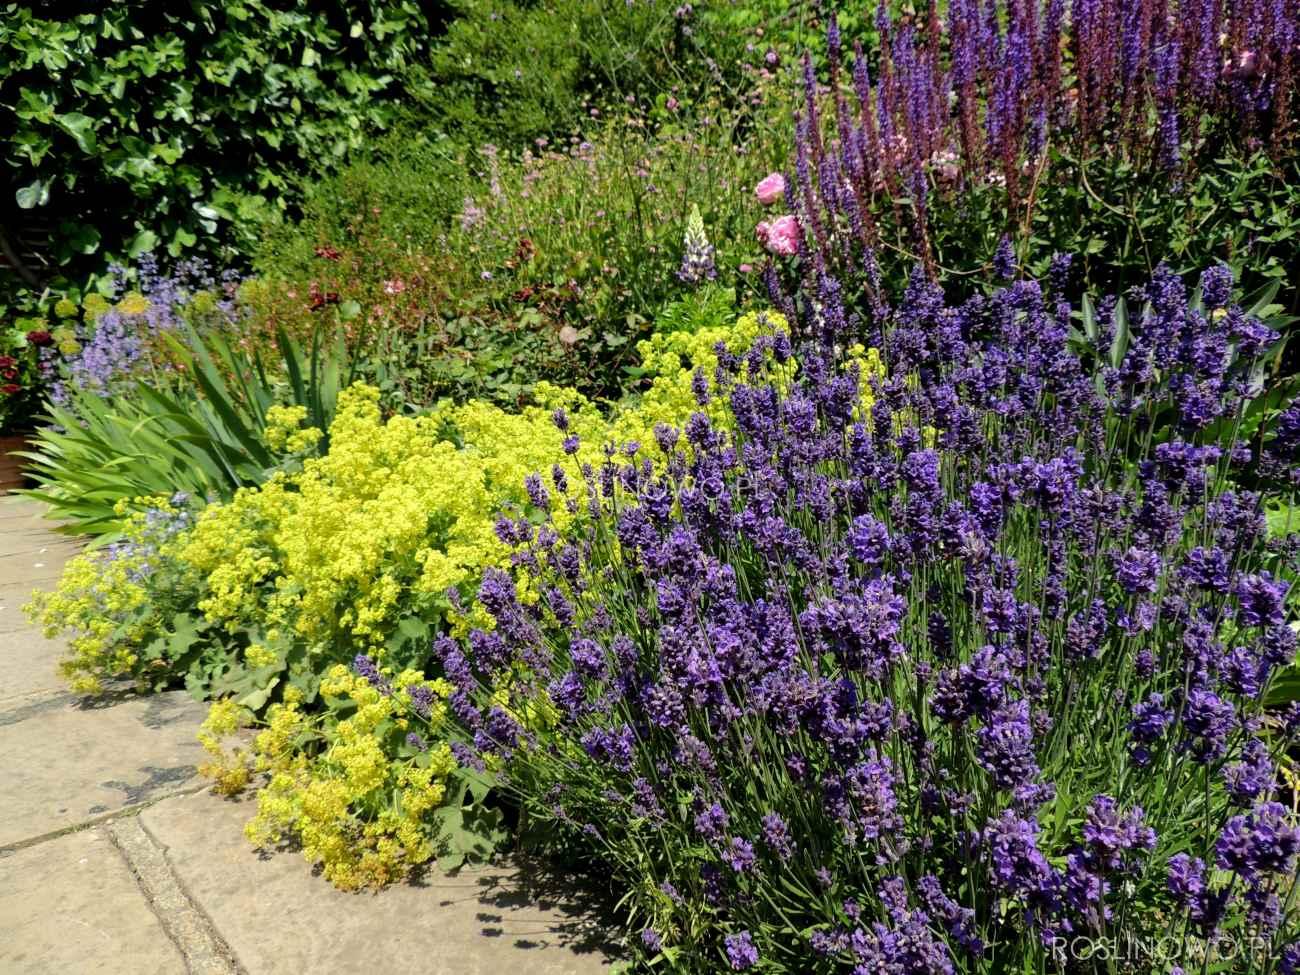 lawenda phenomenal - ogrodowa bylina na stanowiska gorące, suche i słoneczne